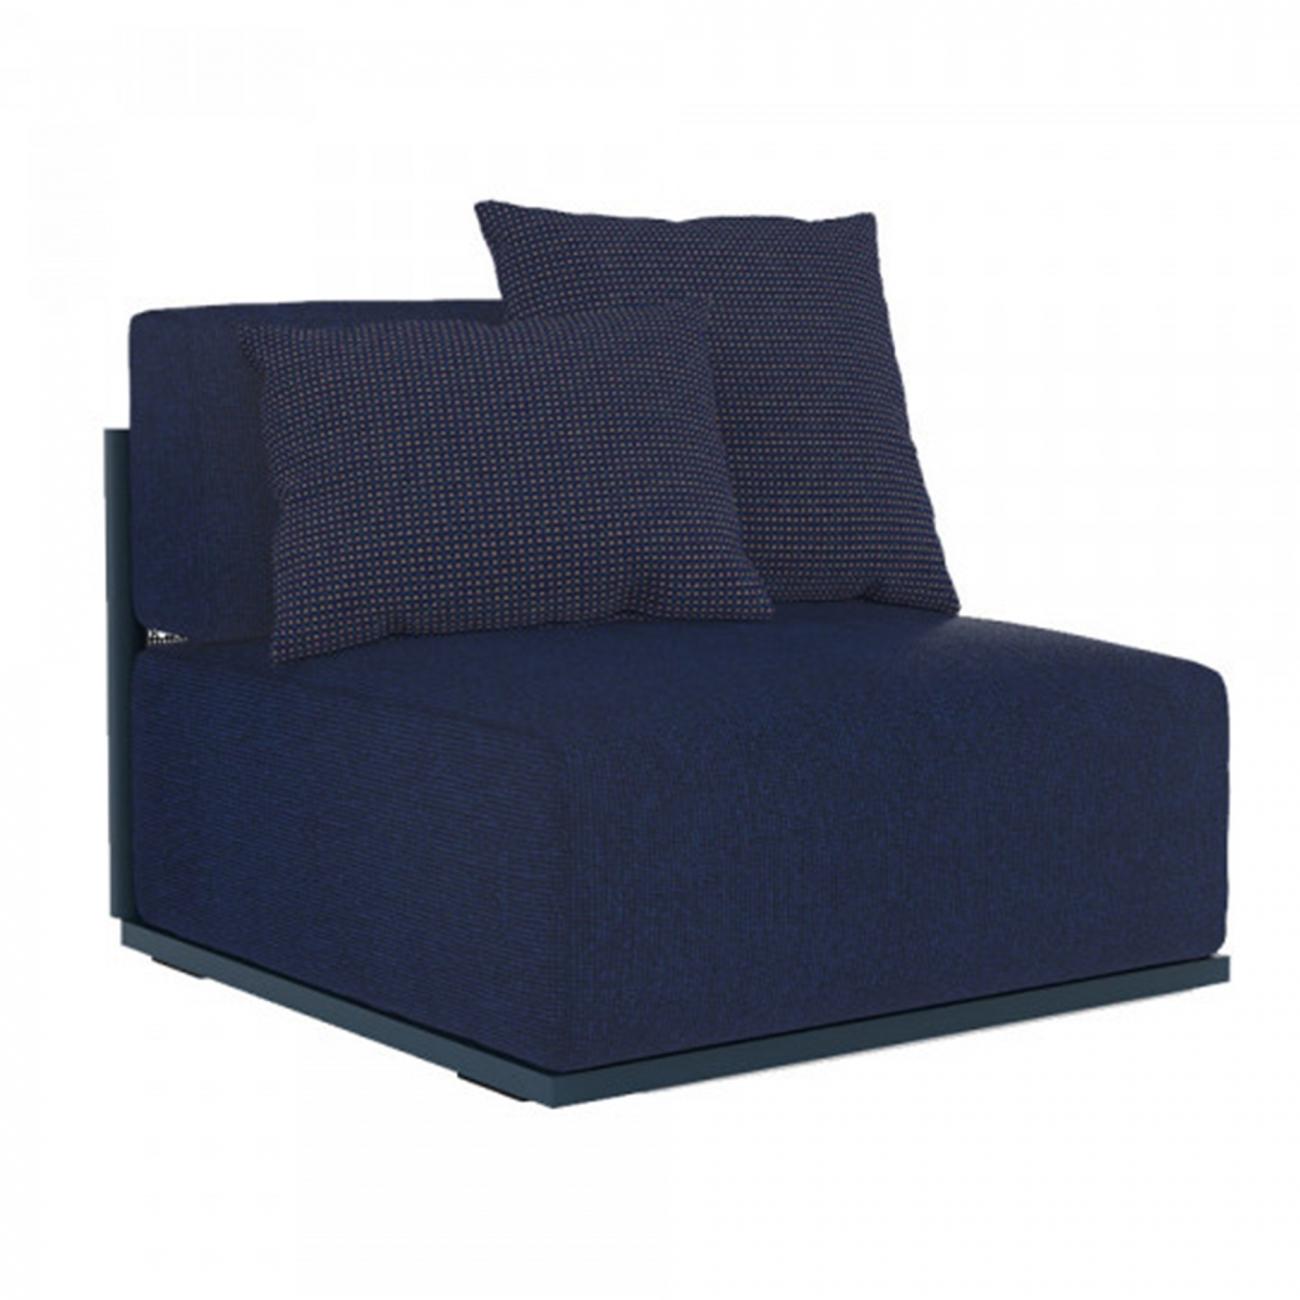 Gandia Blasco Bosc Sofa Modular 3